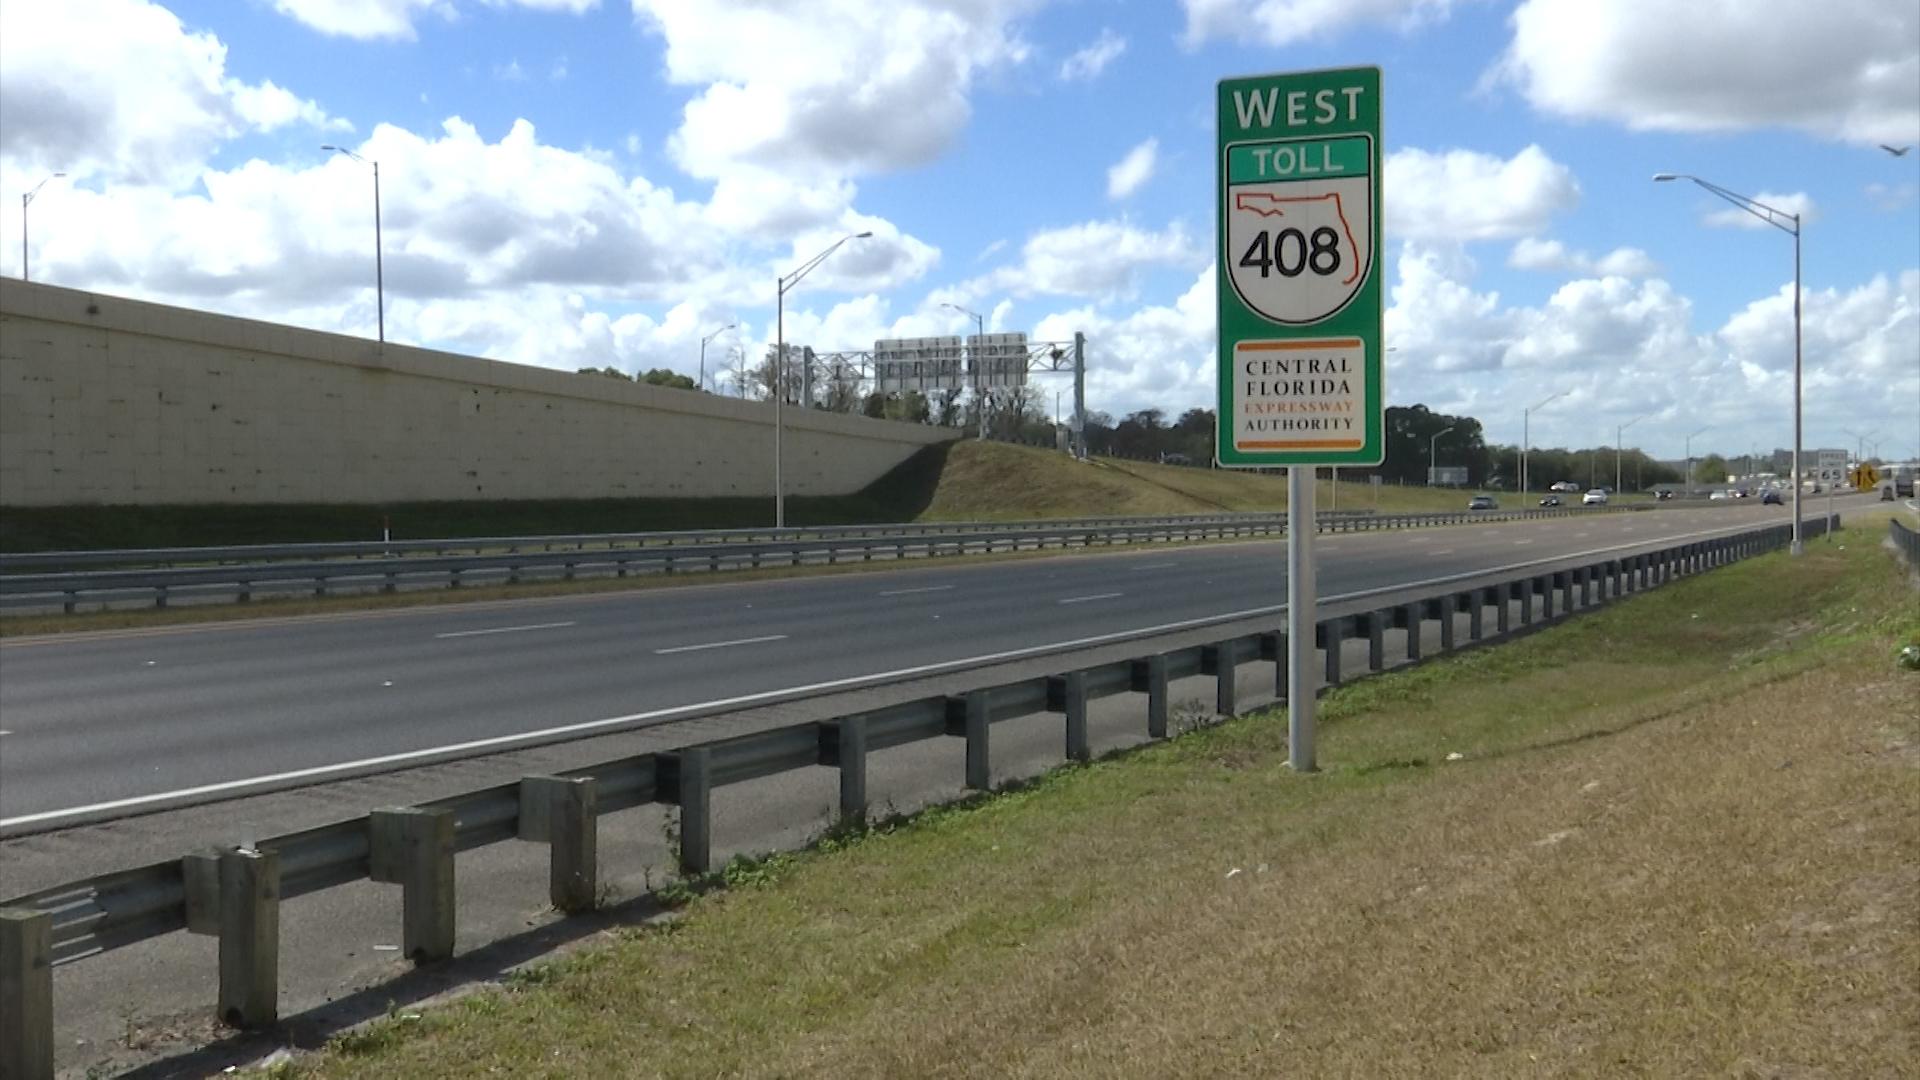 clickorlando.com - Penny De La Cruz - SR-408 ramp, nearby roads to close overnight for construction